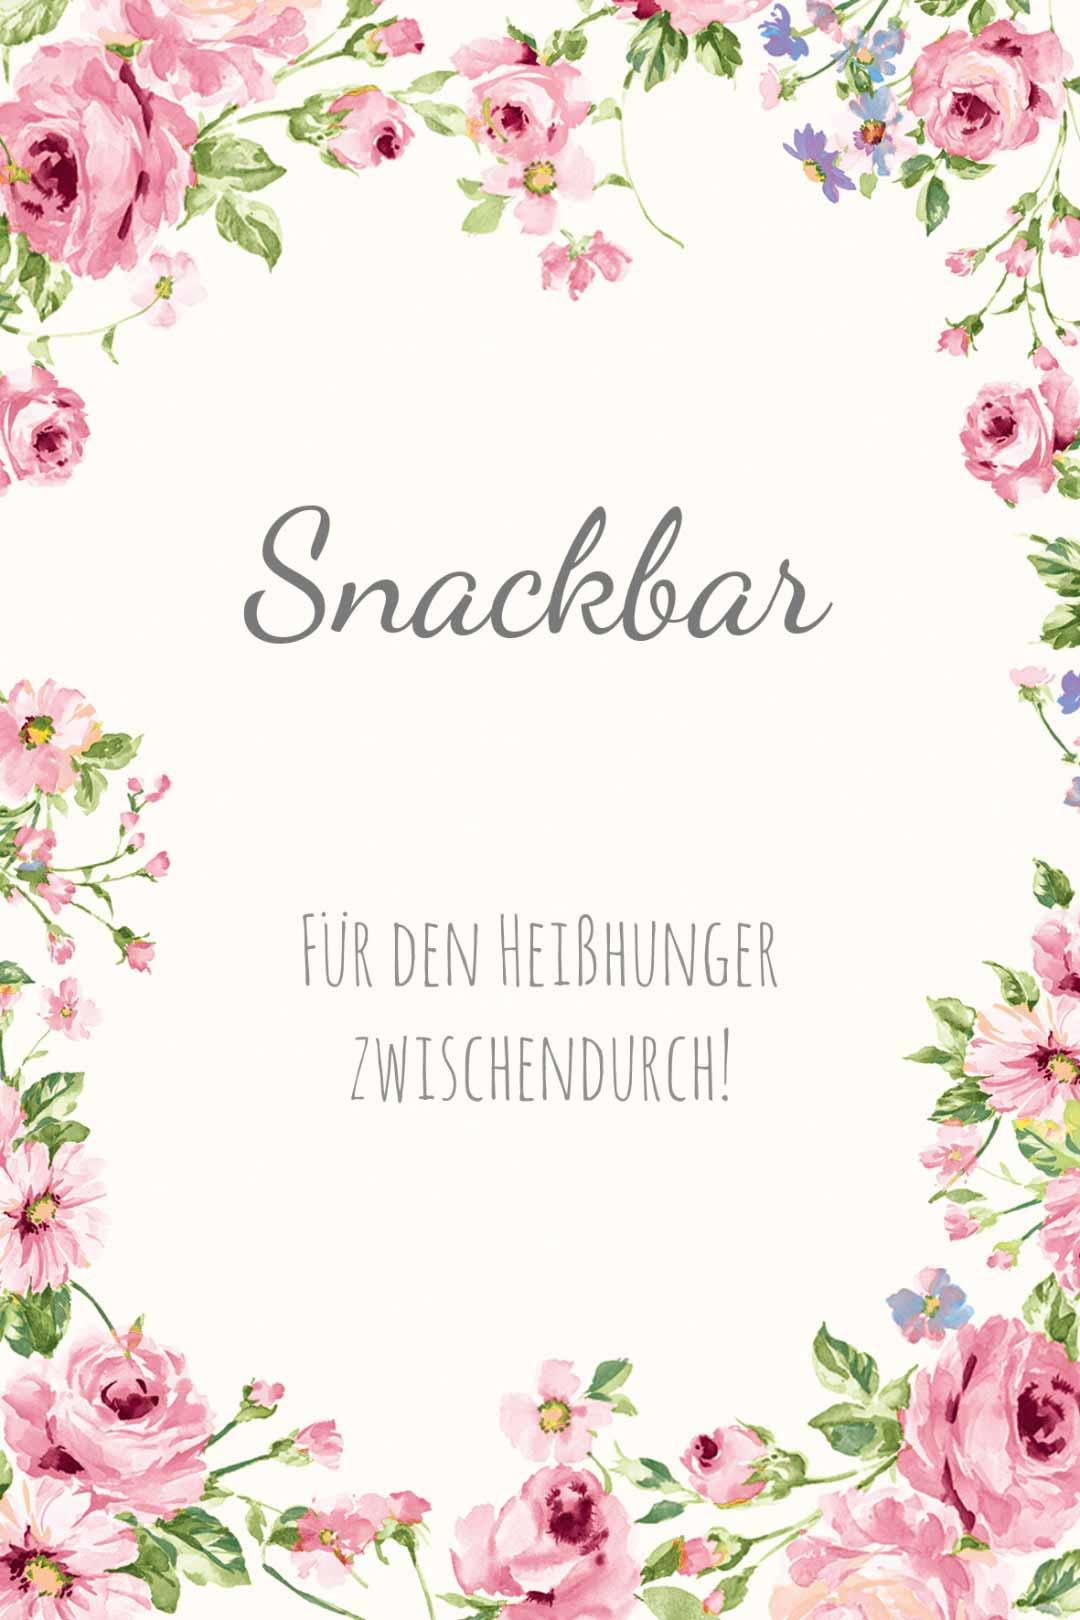 Schild im blumigen Design als Vorlage für die Hochzeit: Snackbar